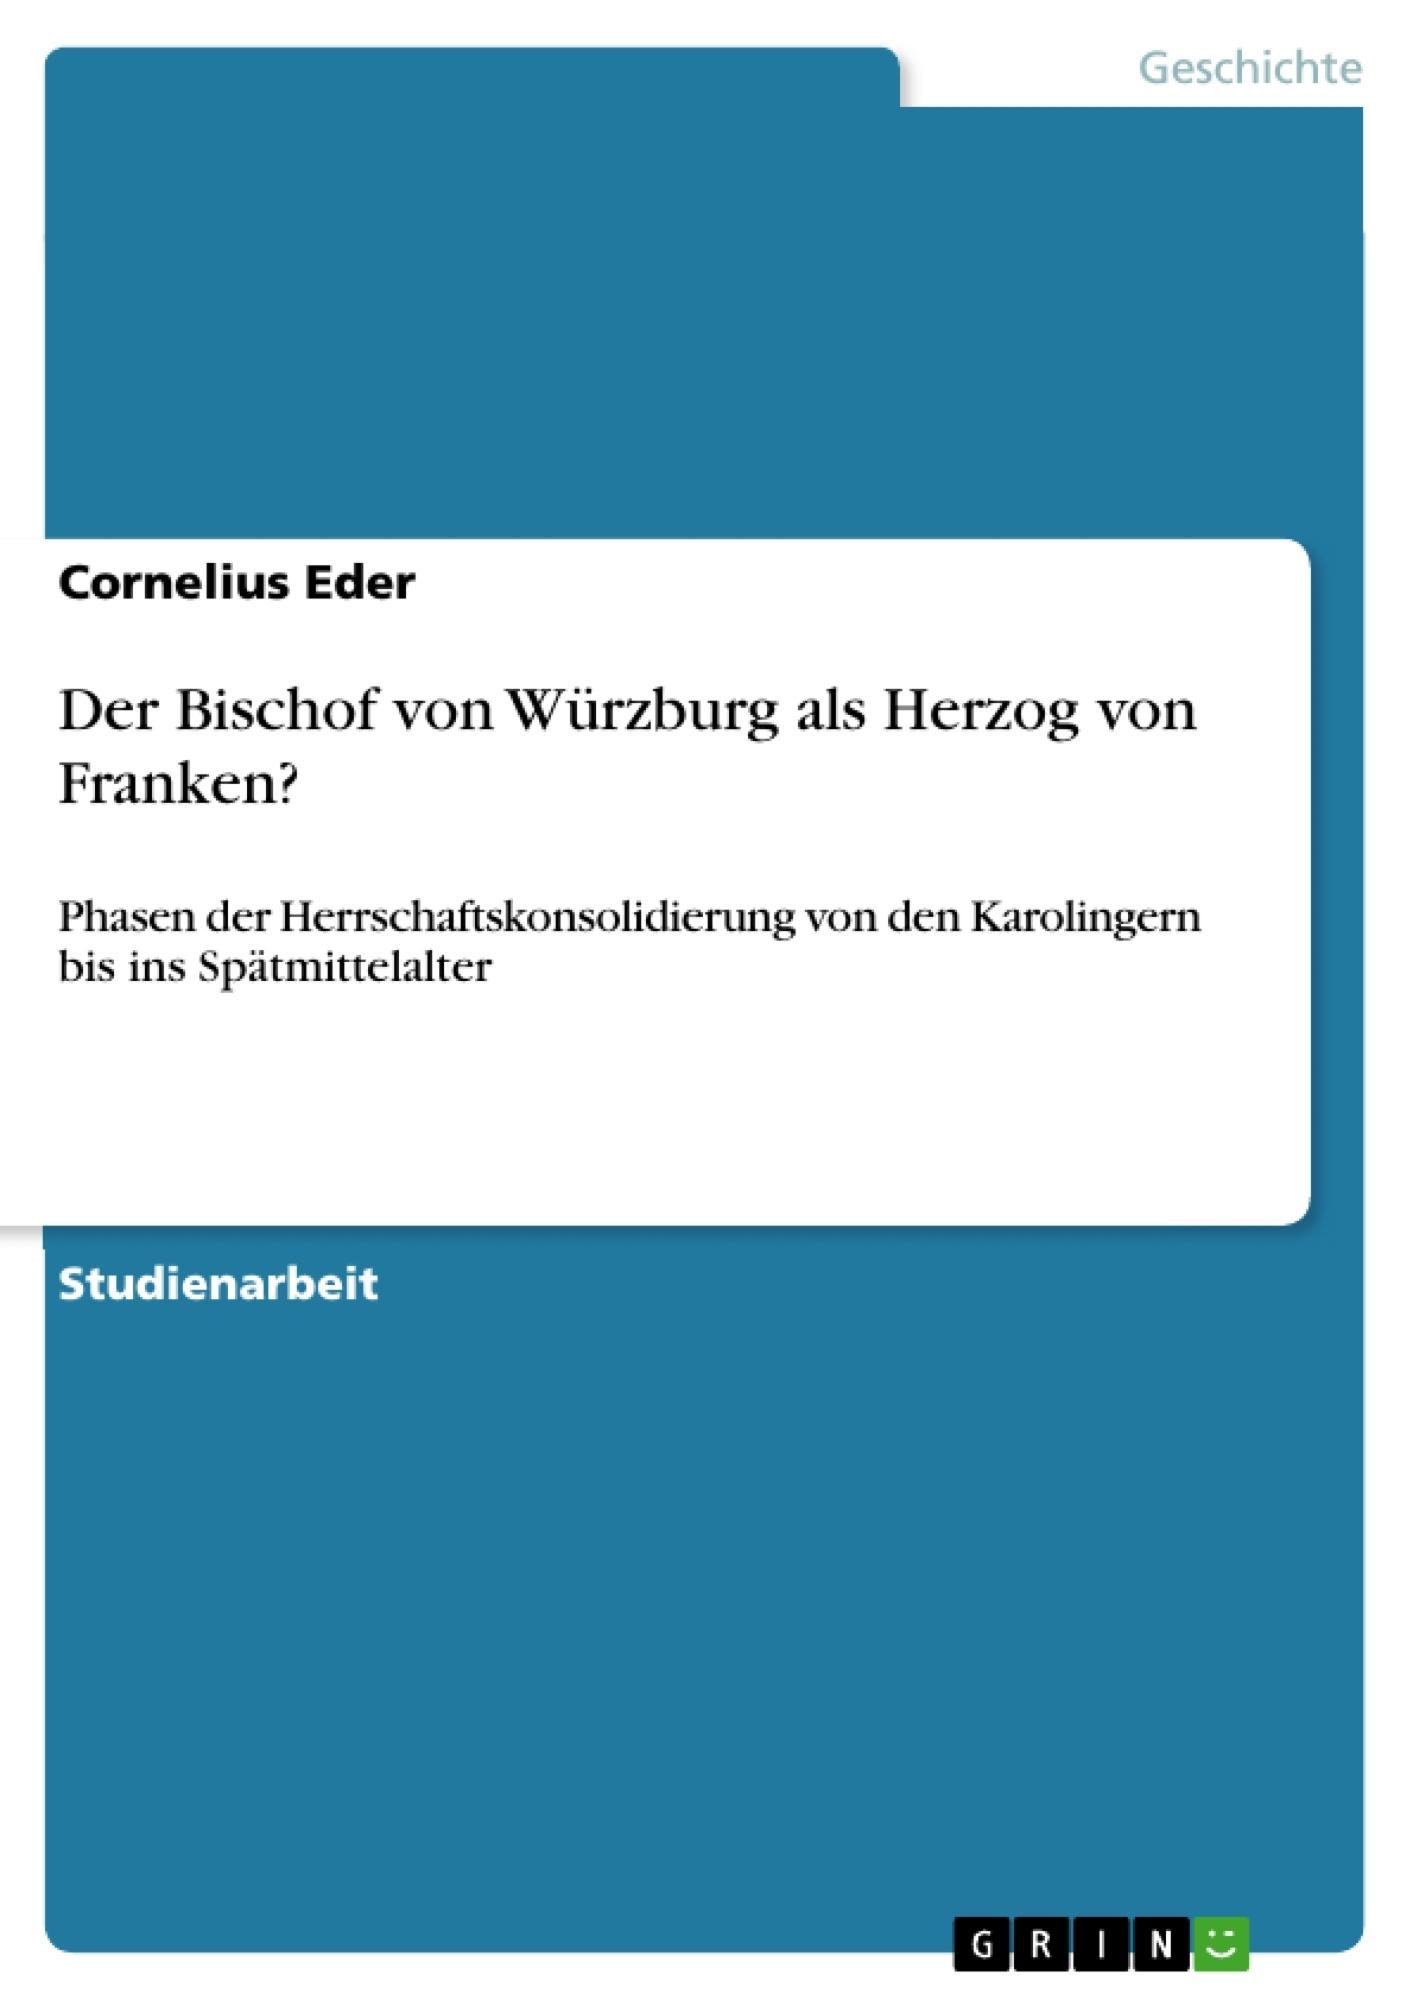 Titel: Der Bischof von Würzburg als Herzog von Franken?